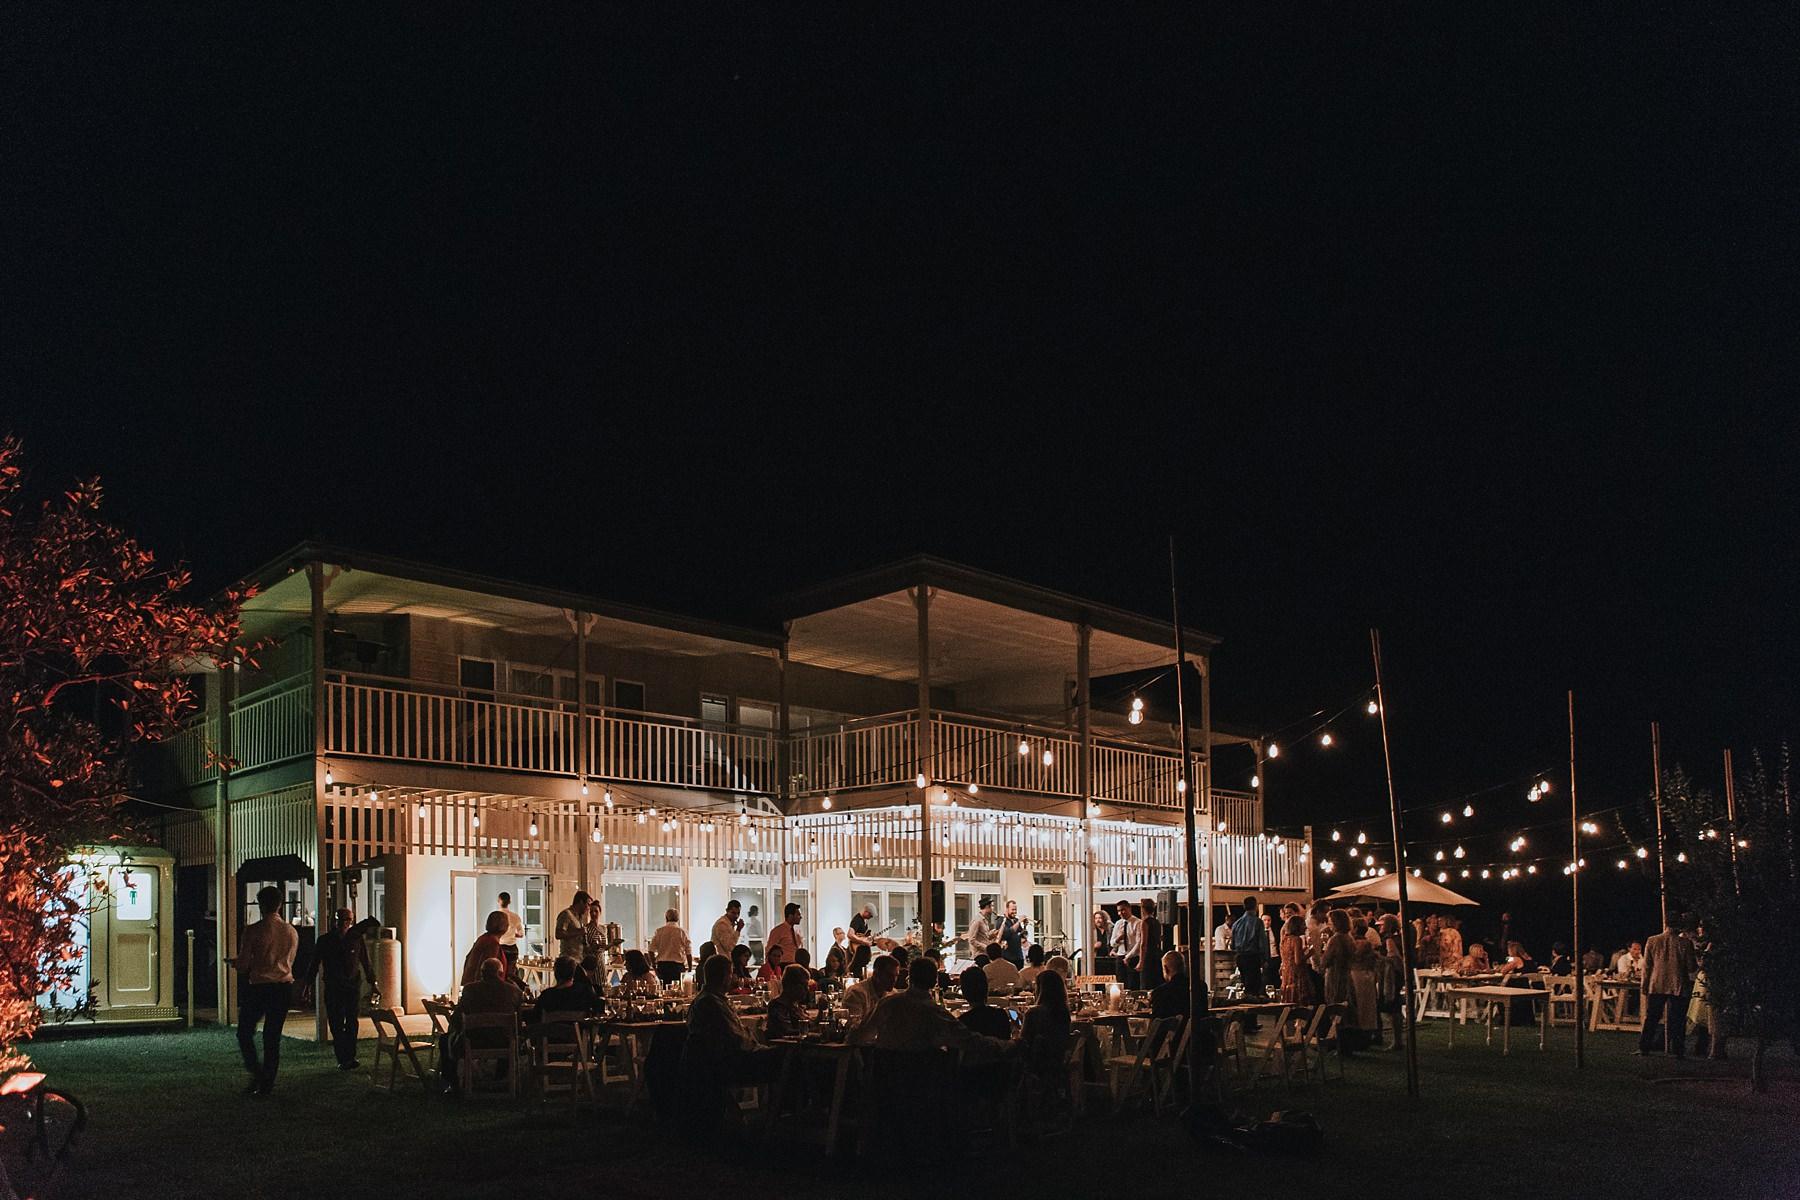 cornwallis house at night during wedding